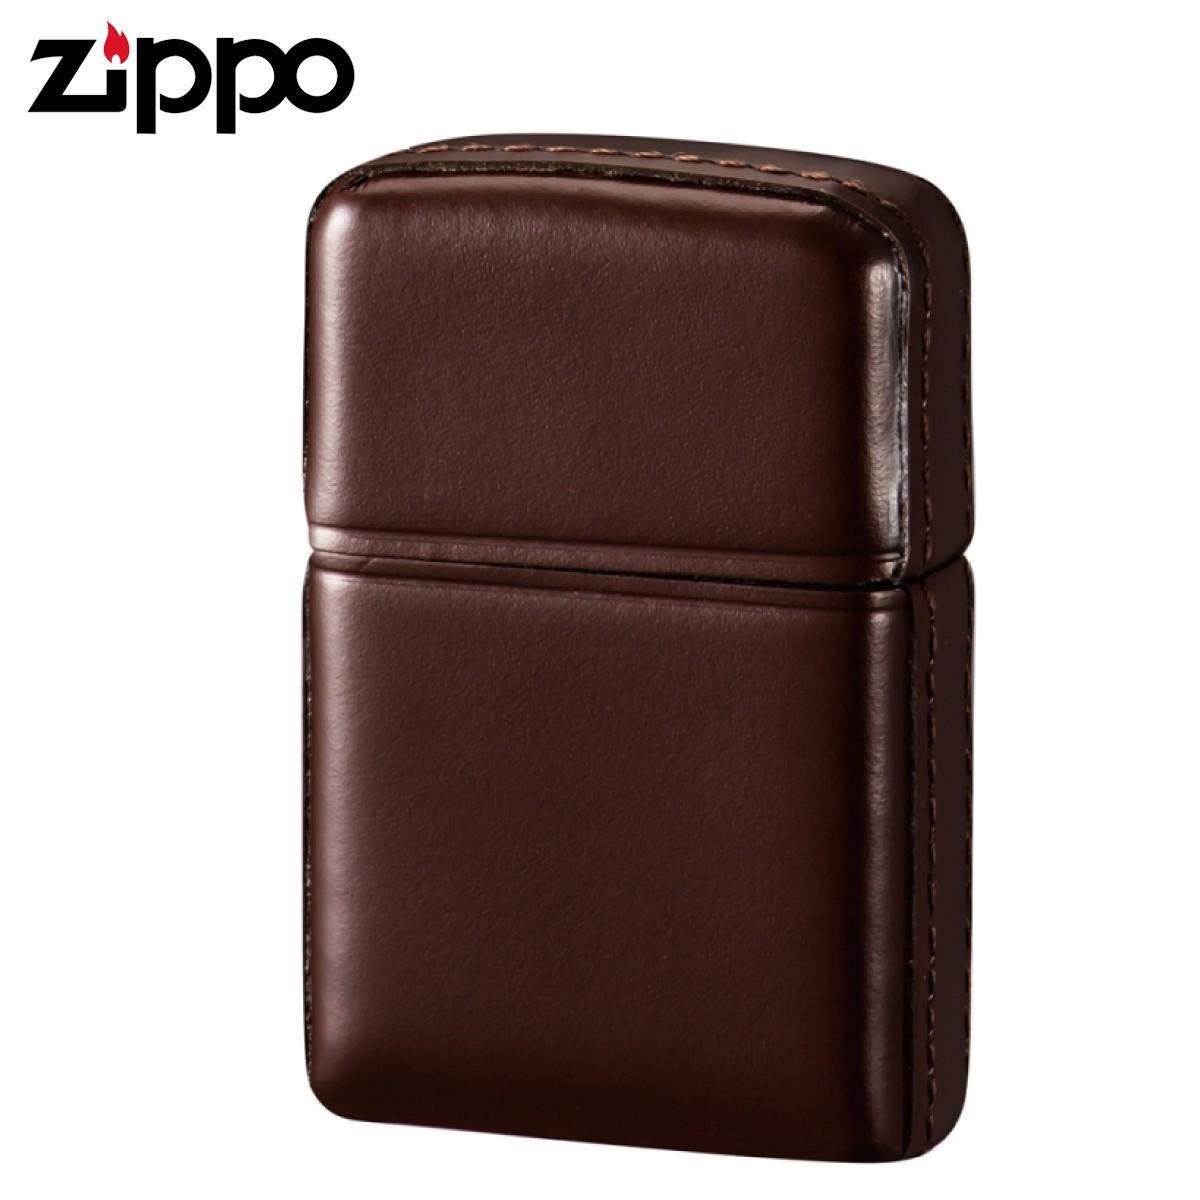 zippo ジッポーライター 松阪牛レザー ブラウン ギフト プレゼント 贈り物 返品不可 オイルライター ジッポライター メンズ レディース 男性用 女性用 喫煙具